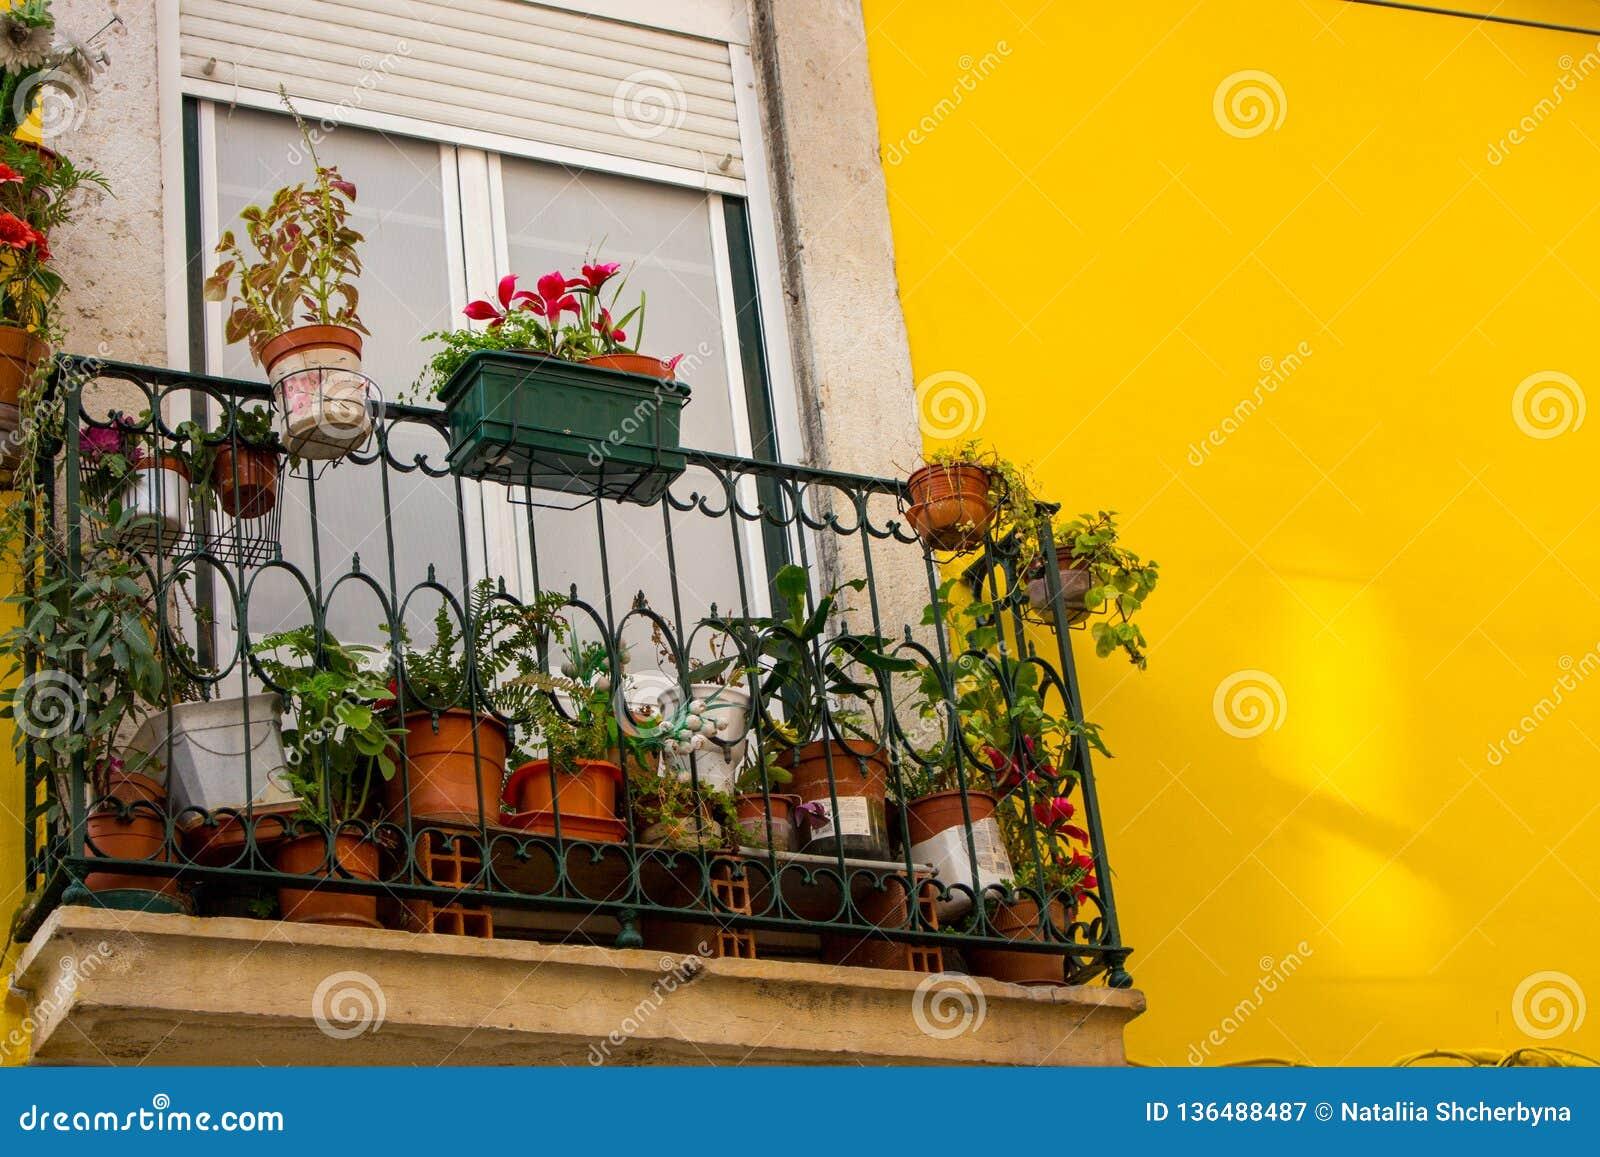 Decoration Petit Pot De Fleur petit balcon avec des pots de fleur contre le mur jaune